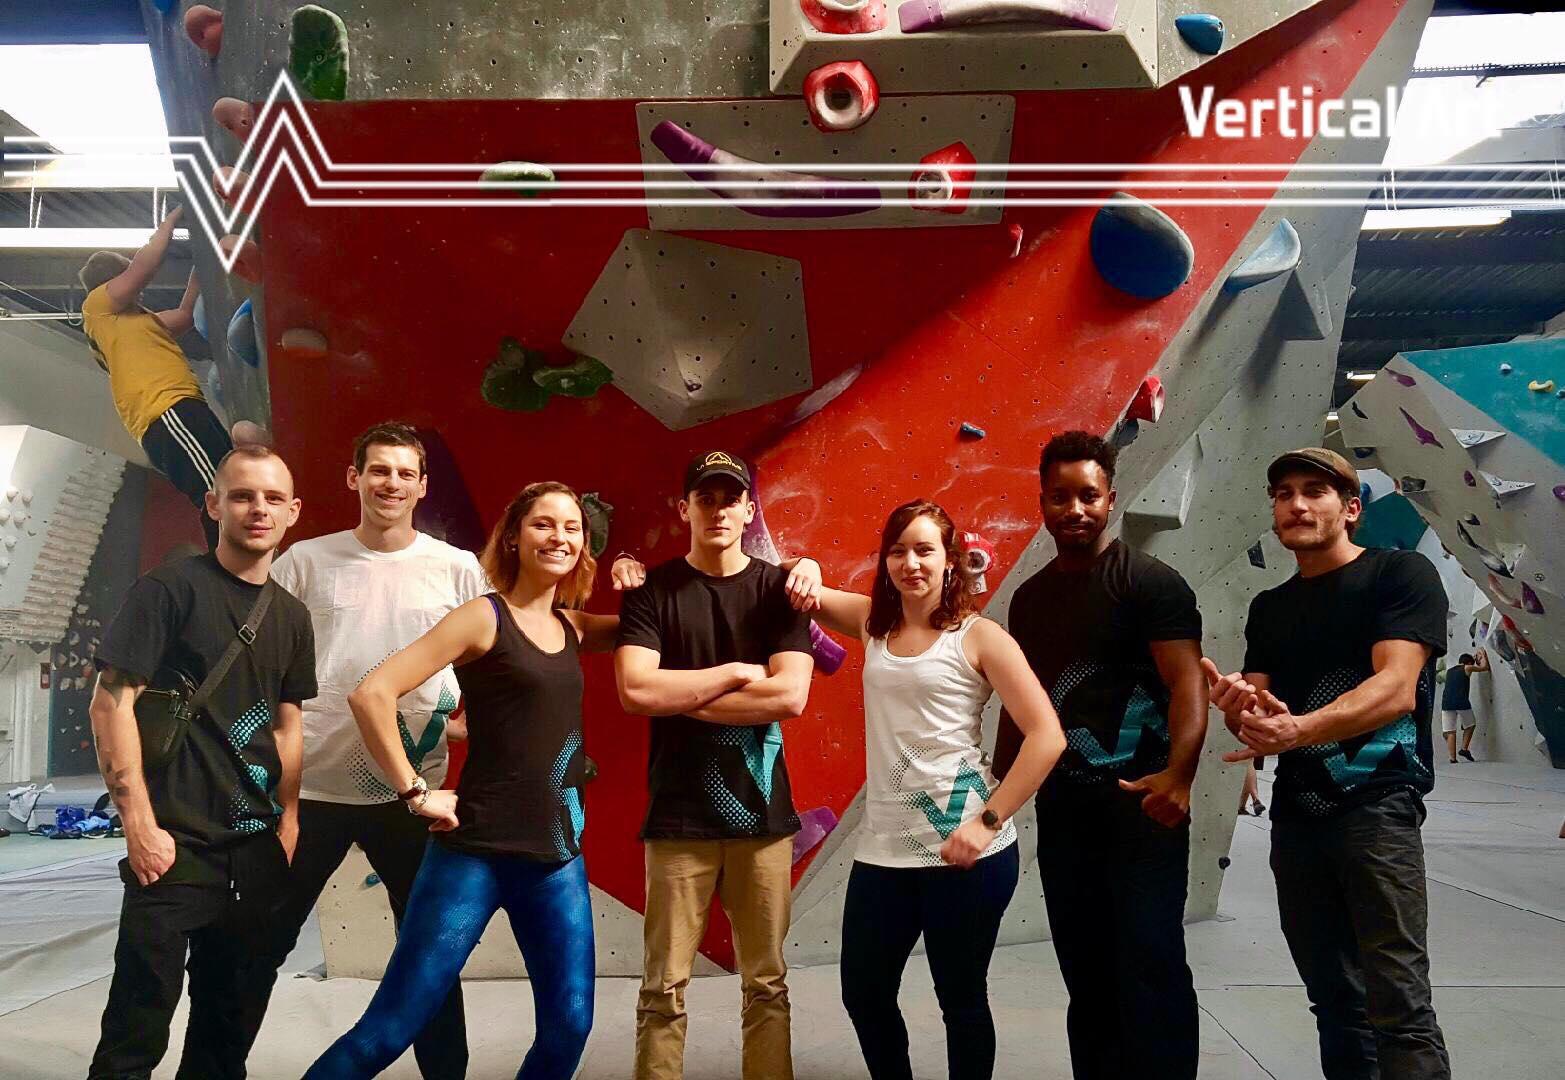 team / vertical'art / famille / fun / esprit d'équipe / salle d'escalade de bloc / Vertical'art / shop